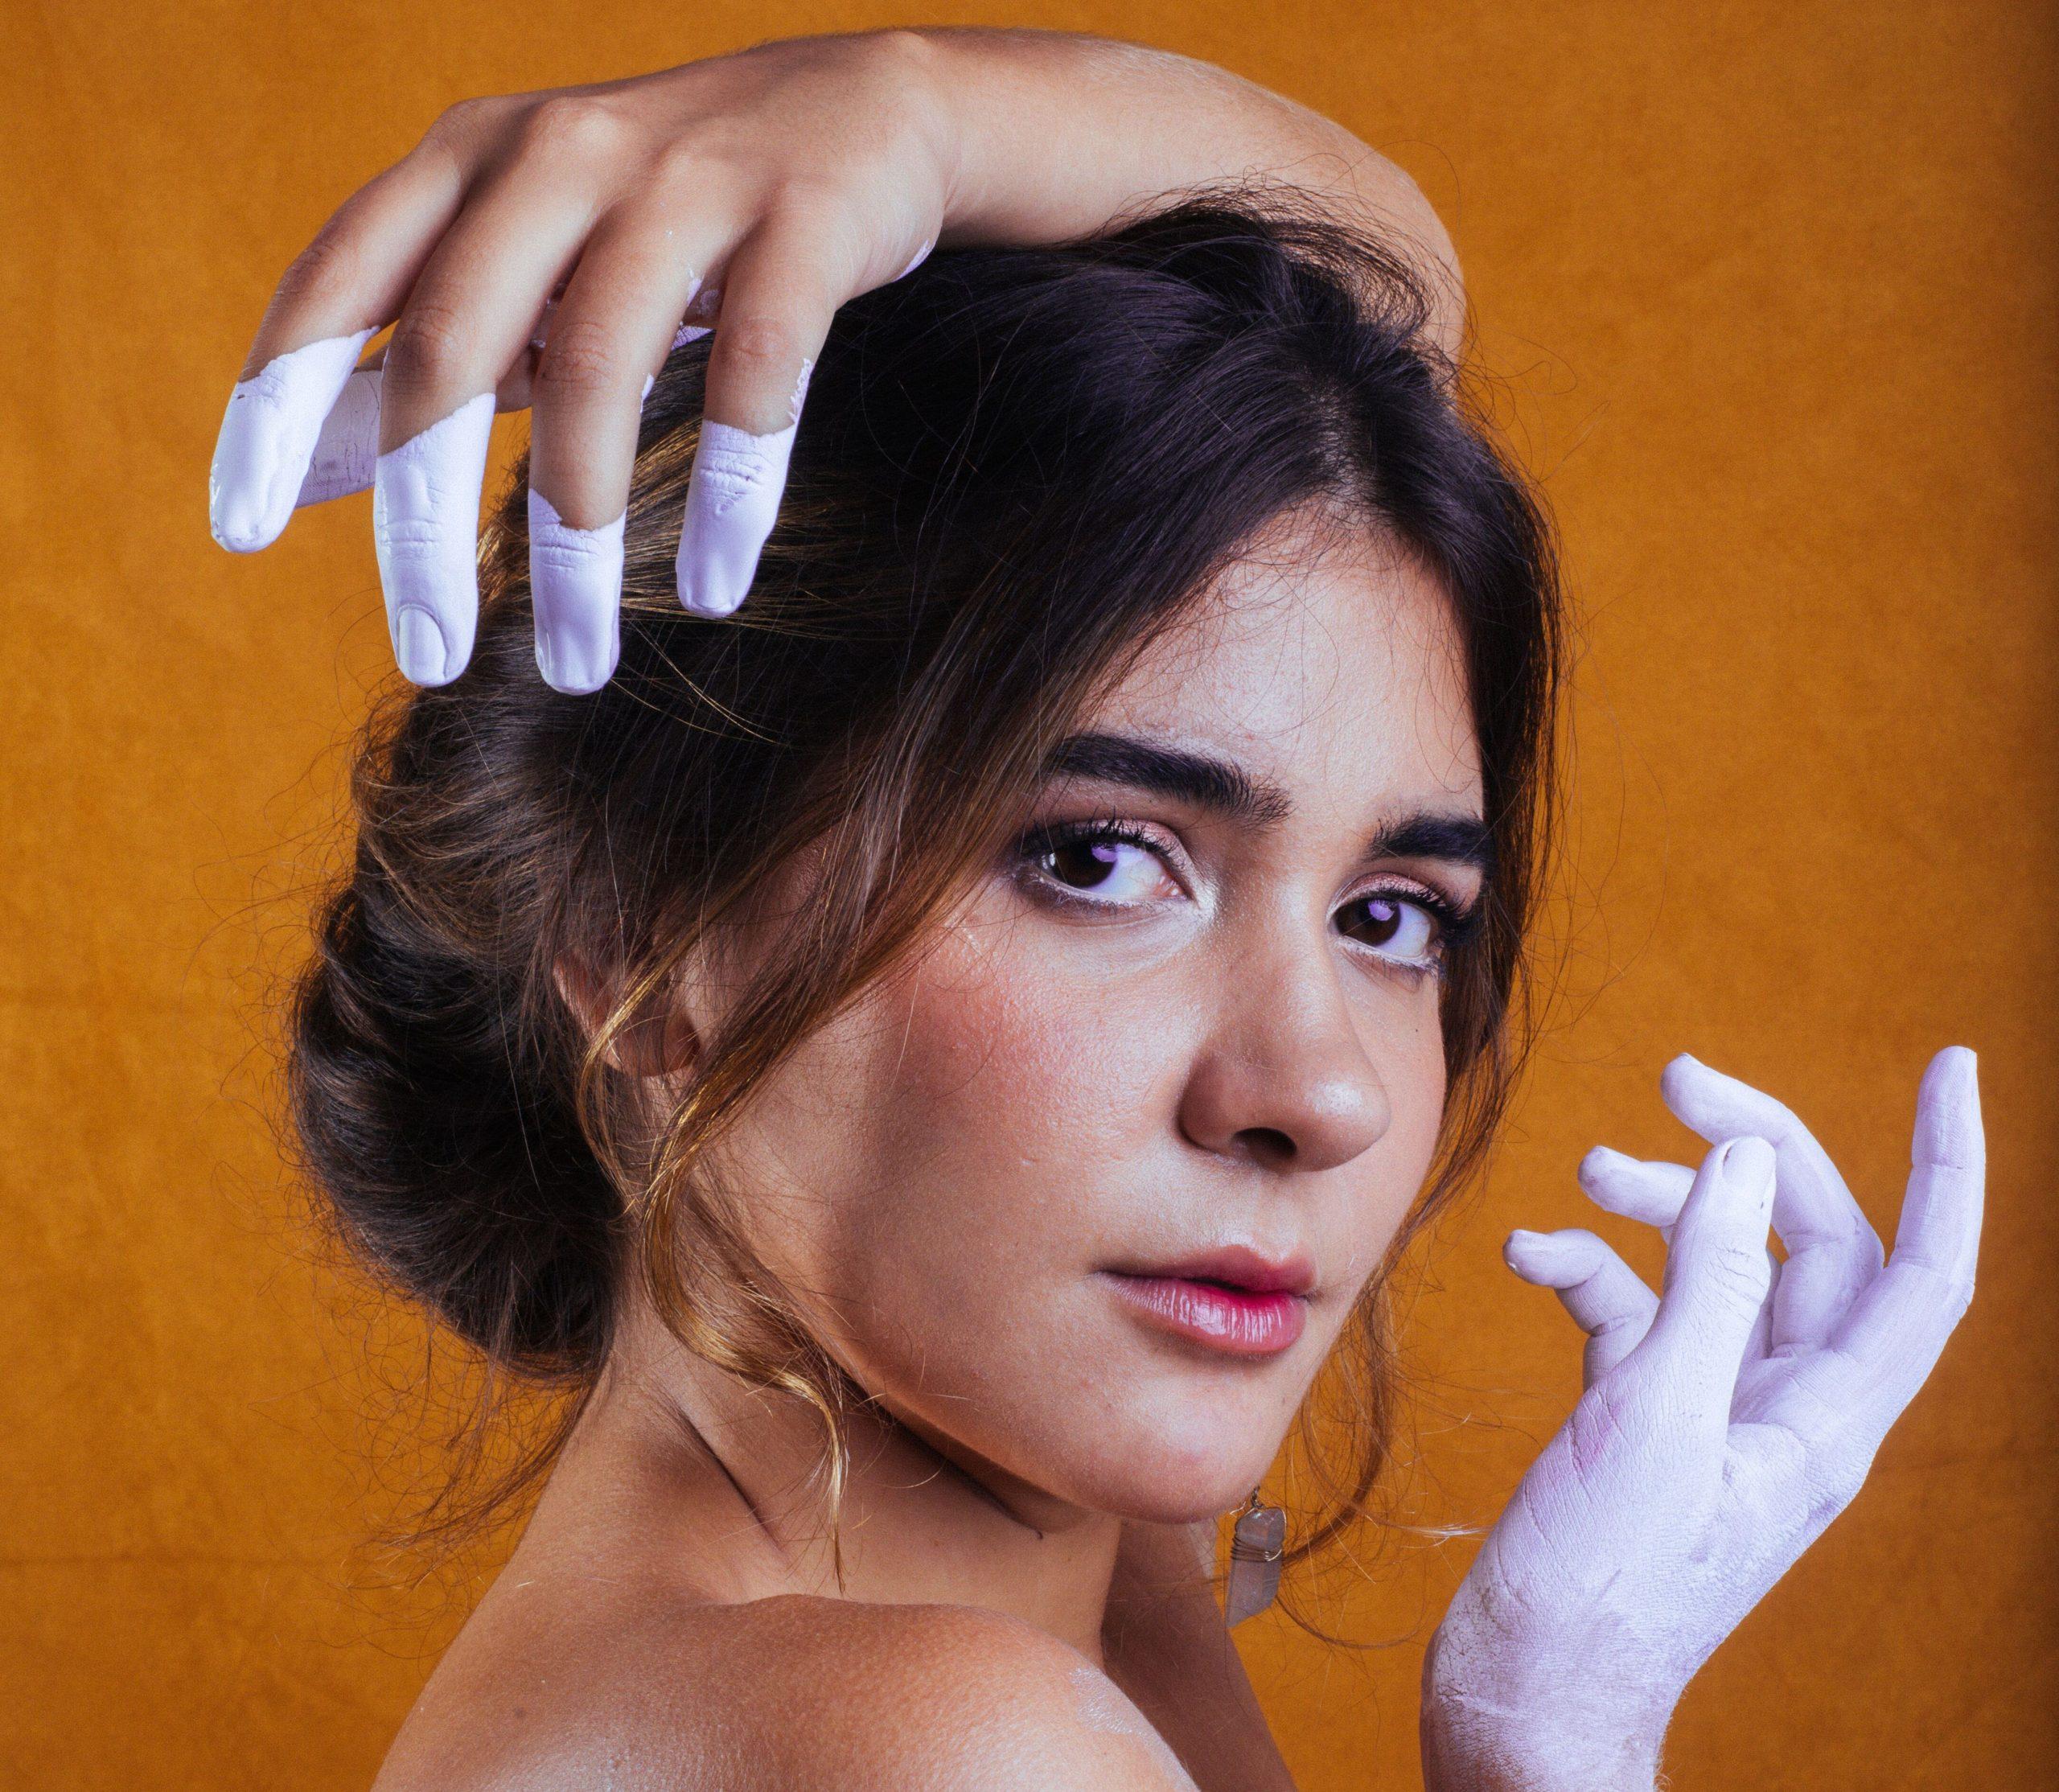 Pilar lança EP com seis faixas autorais e participação luxuosa de Zeca Baleiro